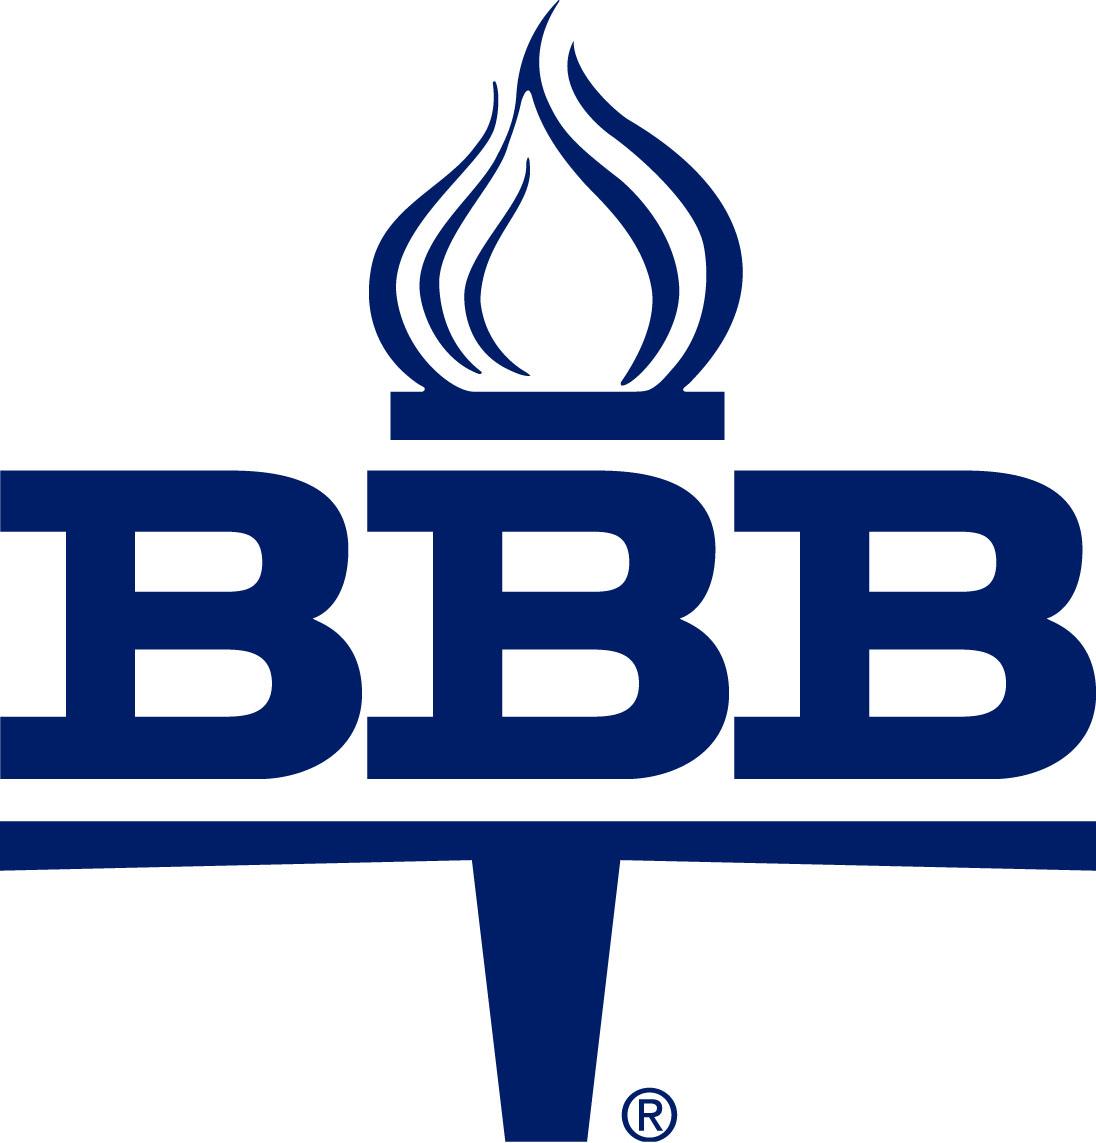 Better business bureau Logos.